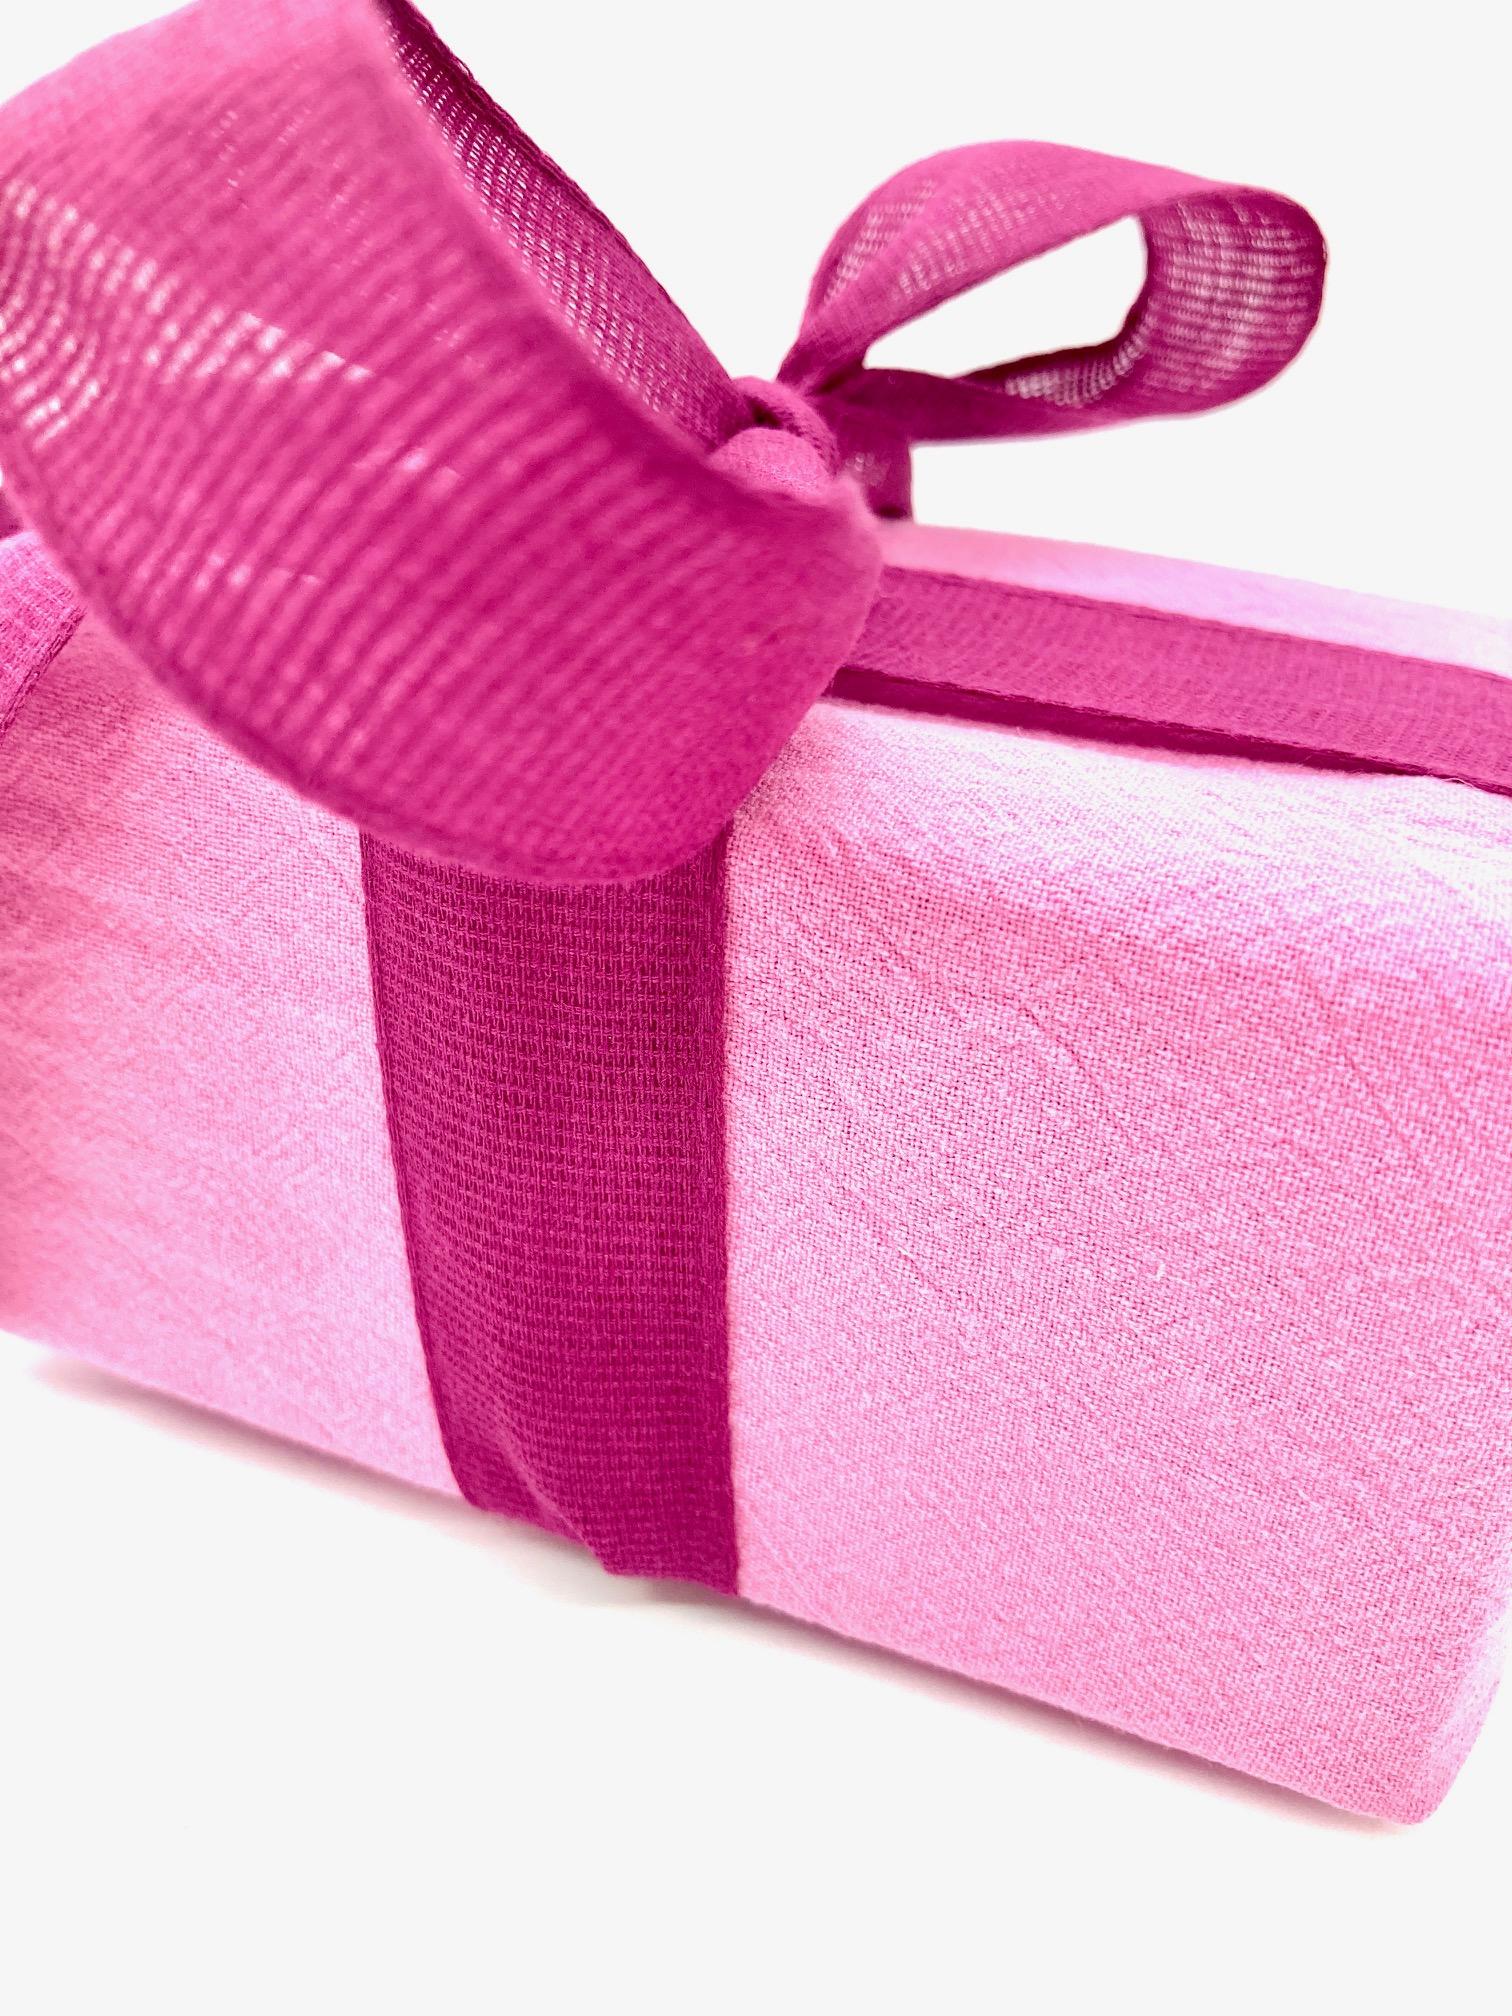 Einfach Pink it is richtig riesig! (140x100cm)